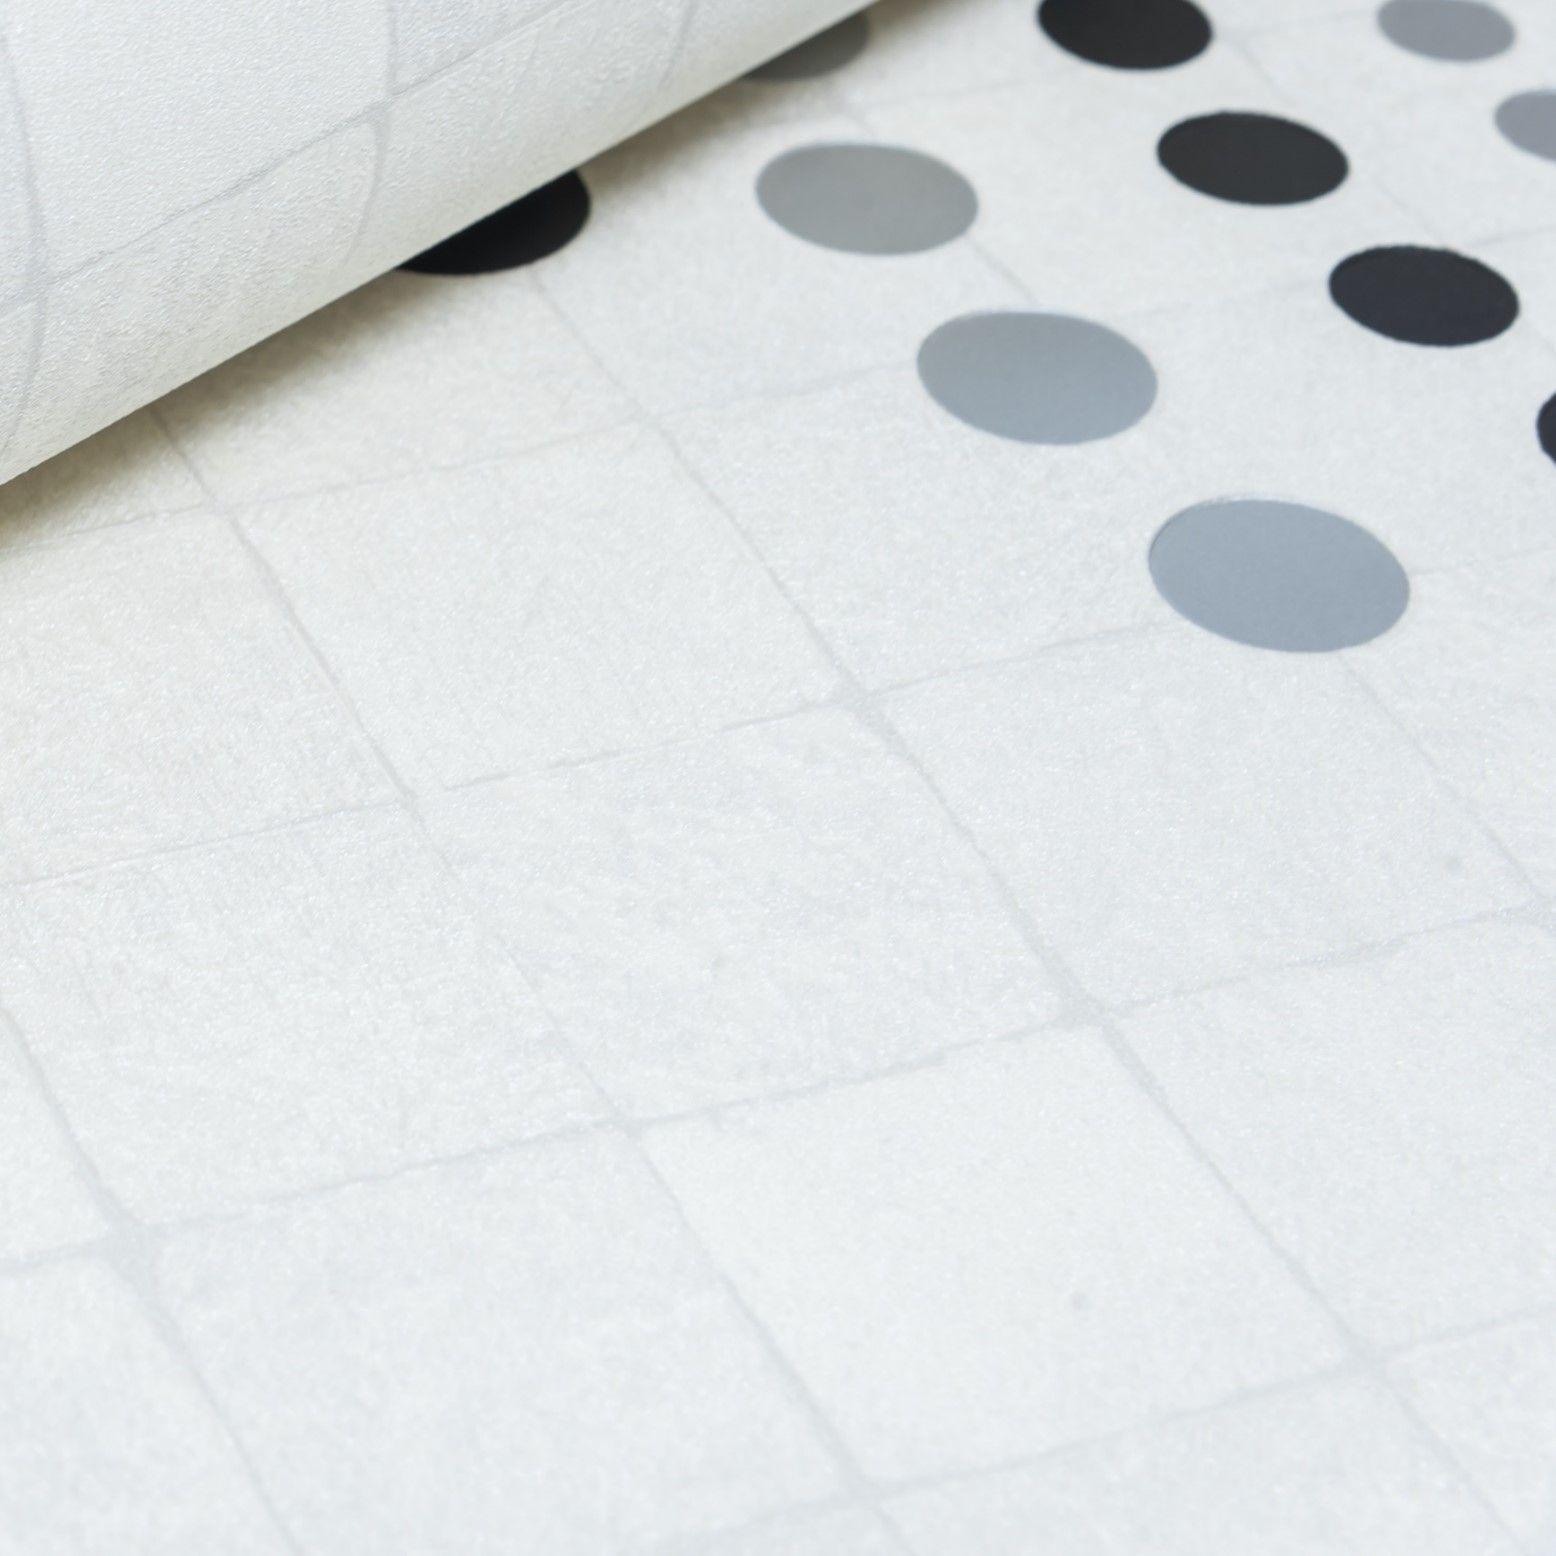 Papel de Parede Paris Decor Vinílico Coleção Chamonix Geométrico Diamante Branco, Tons Cinza, Preto